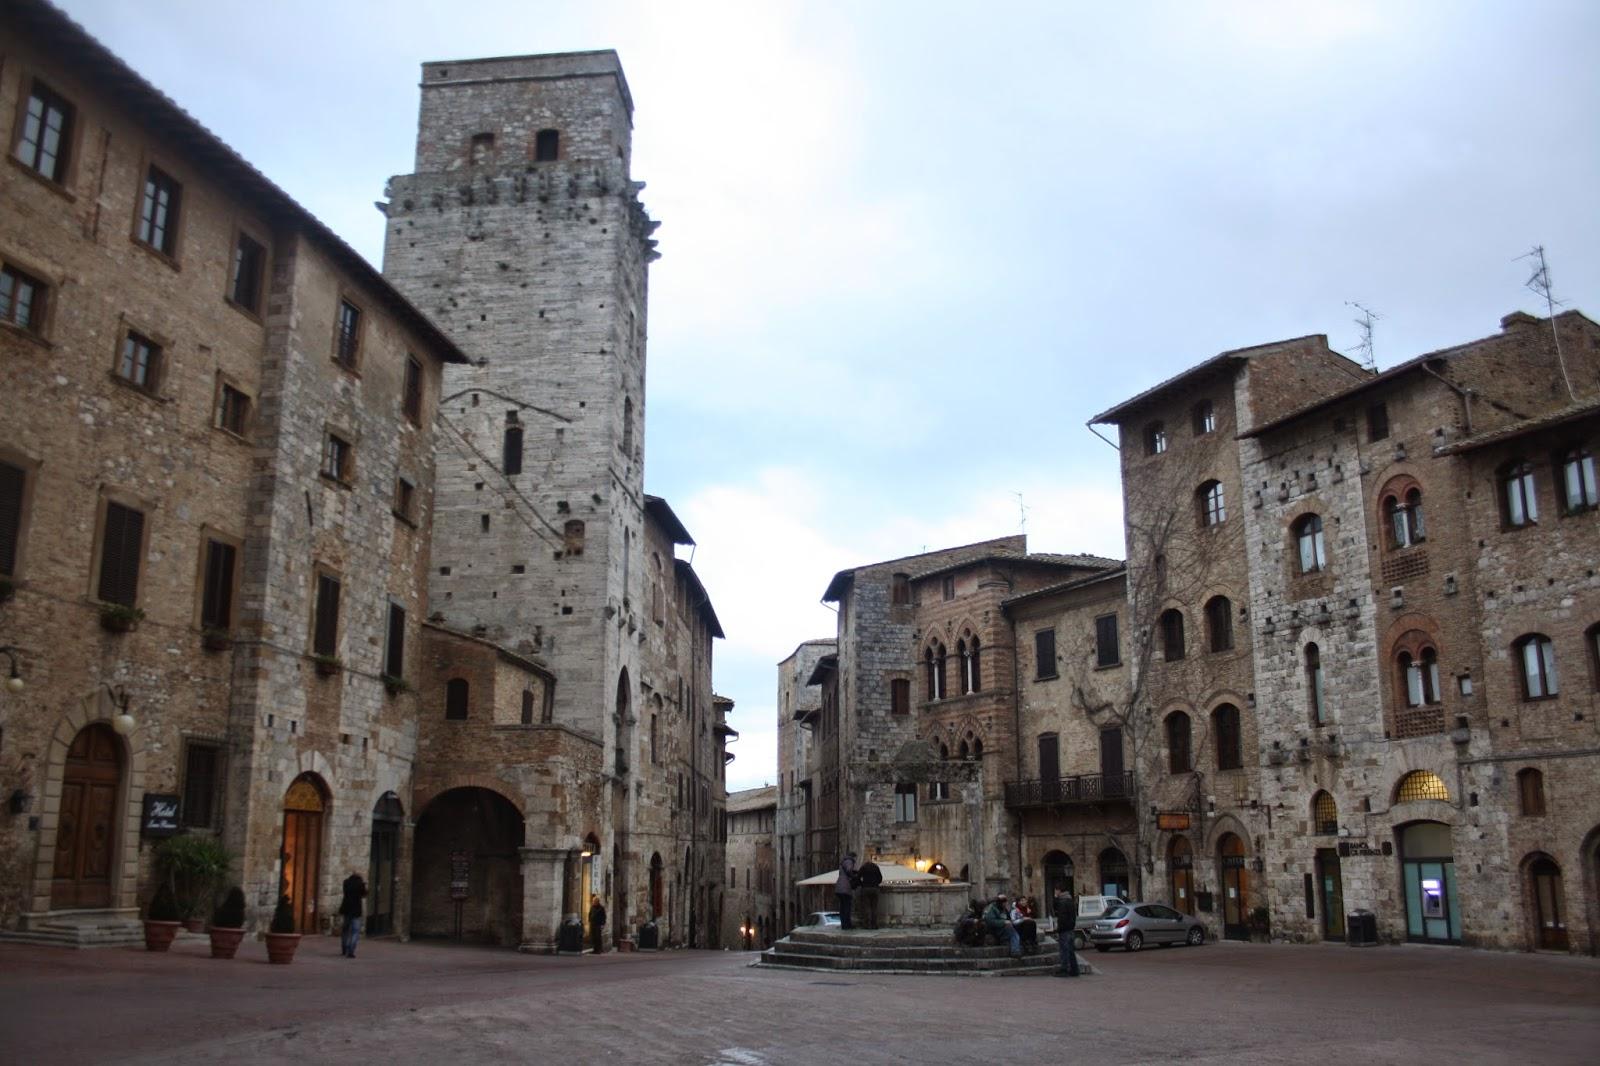 Plaza del pueblo de San Gimignano